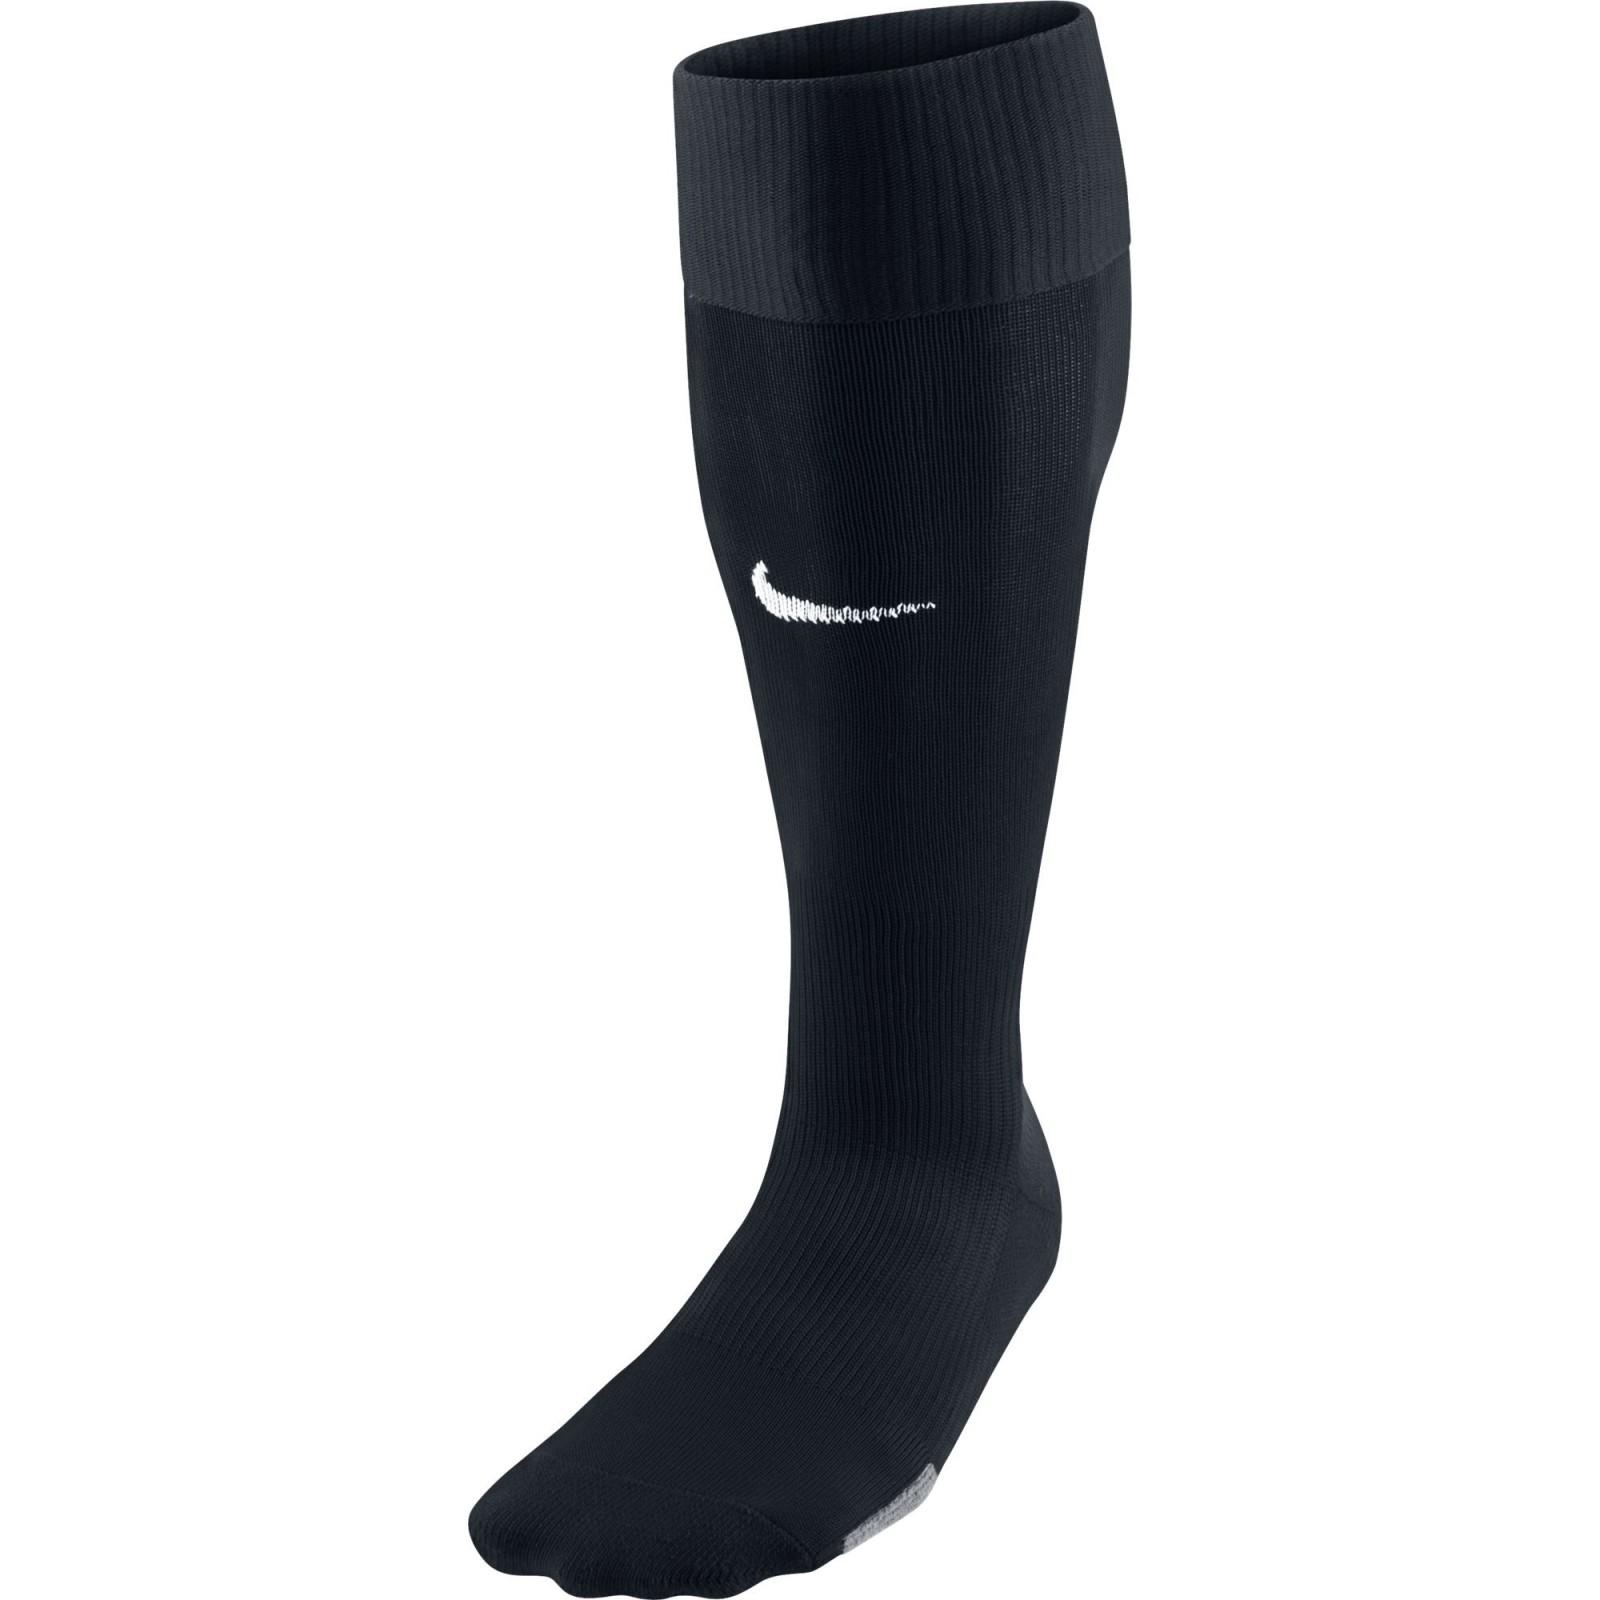 Pánské podkolenky Nike Park IV Training černé  8a16cfb2a1